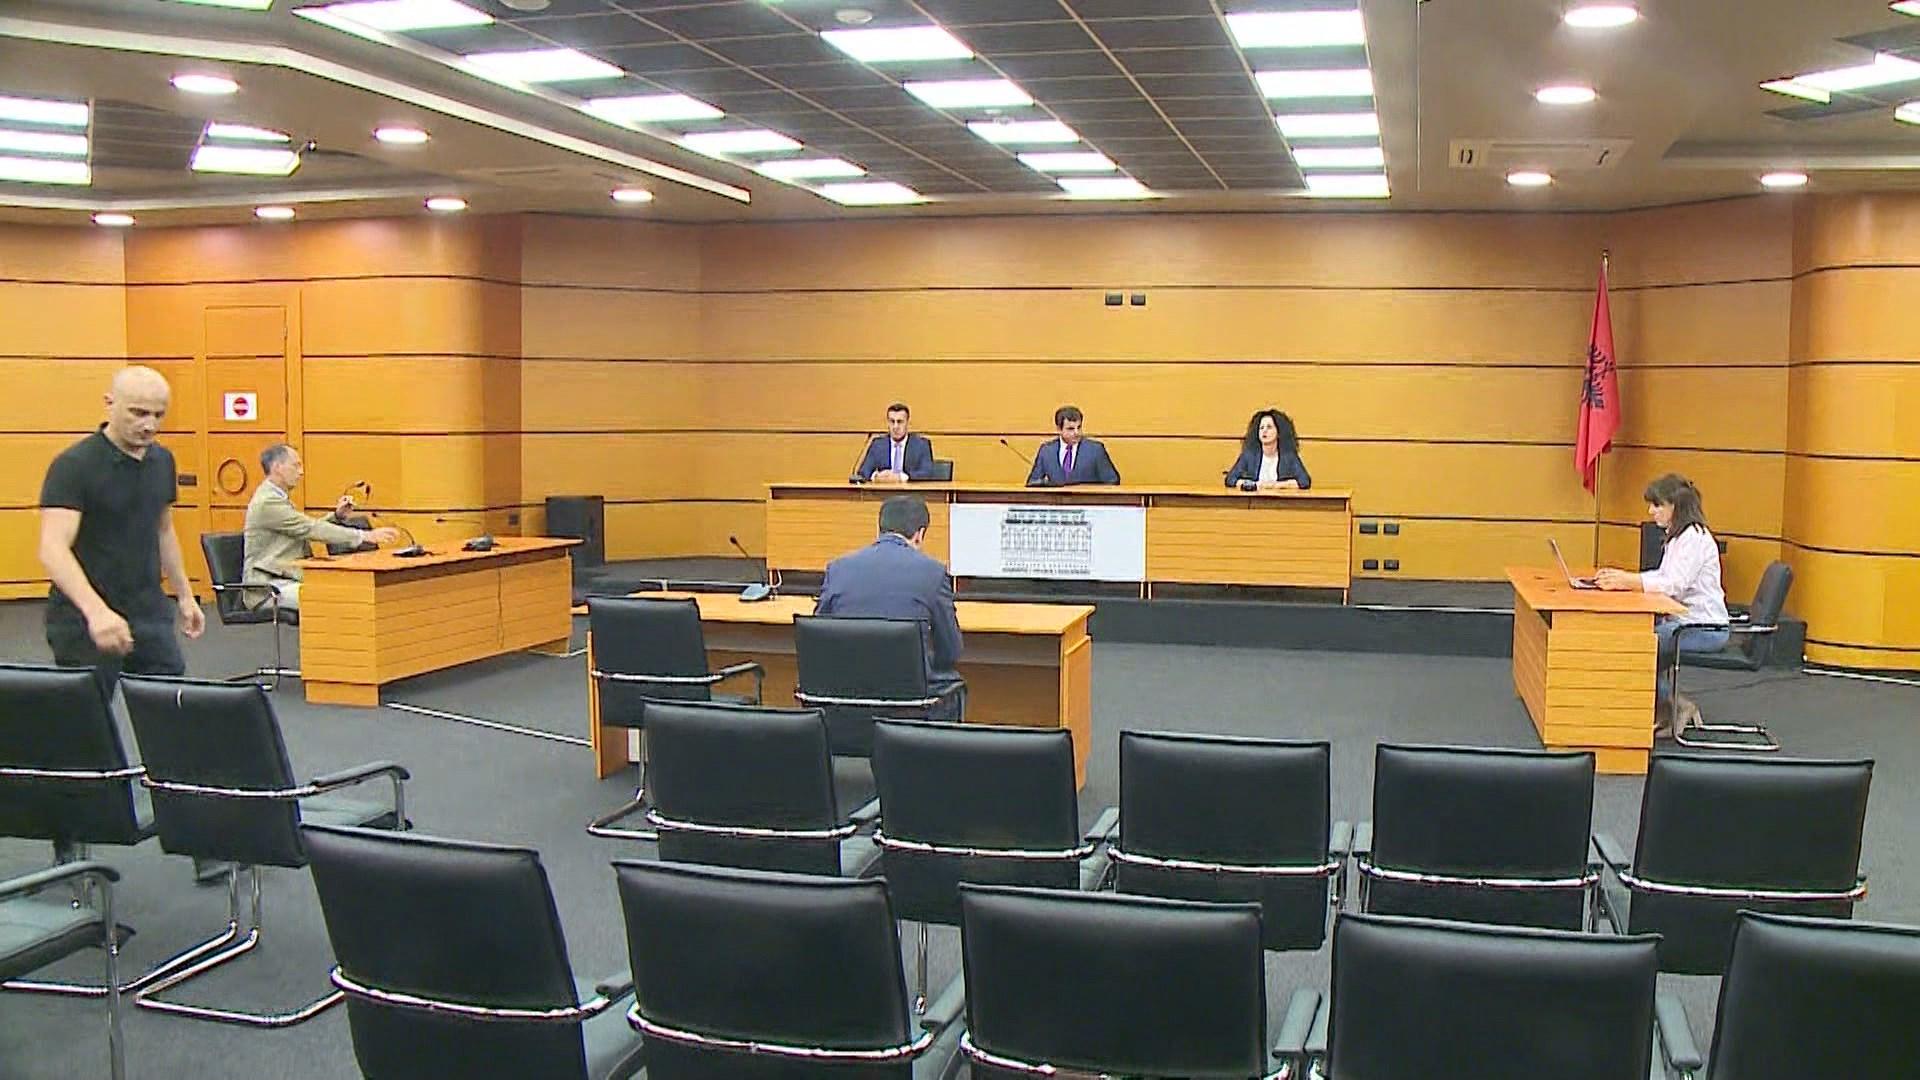 KPK konfirmon në detyrë kandidatin për Kryeprokuror, Olsian Çela